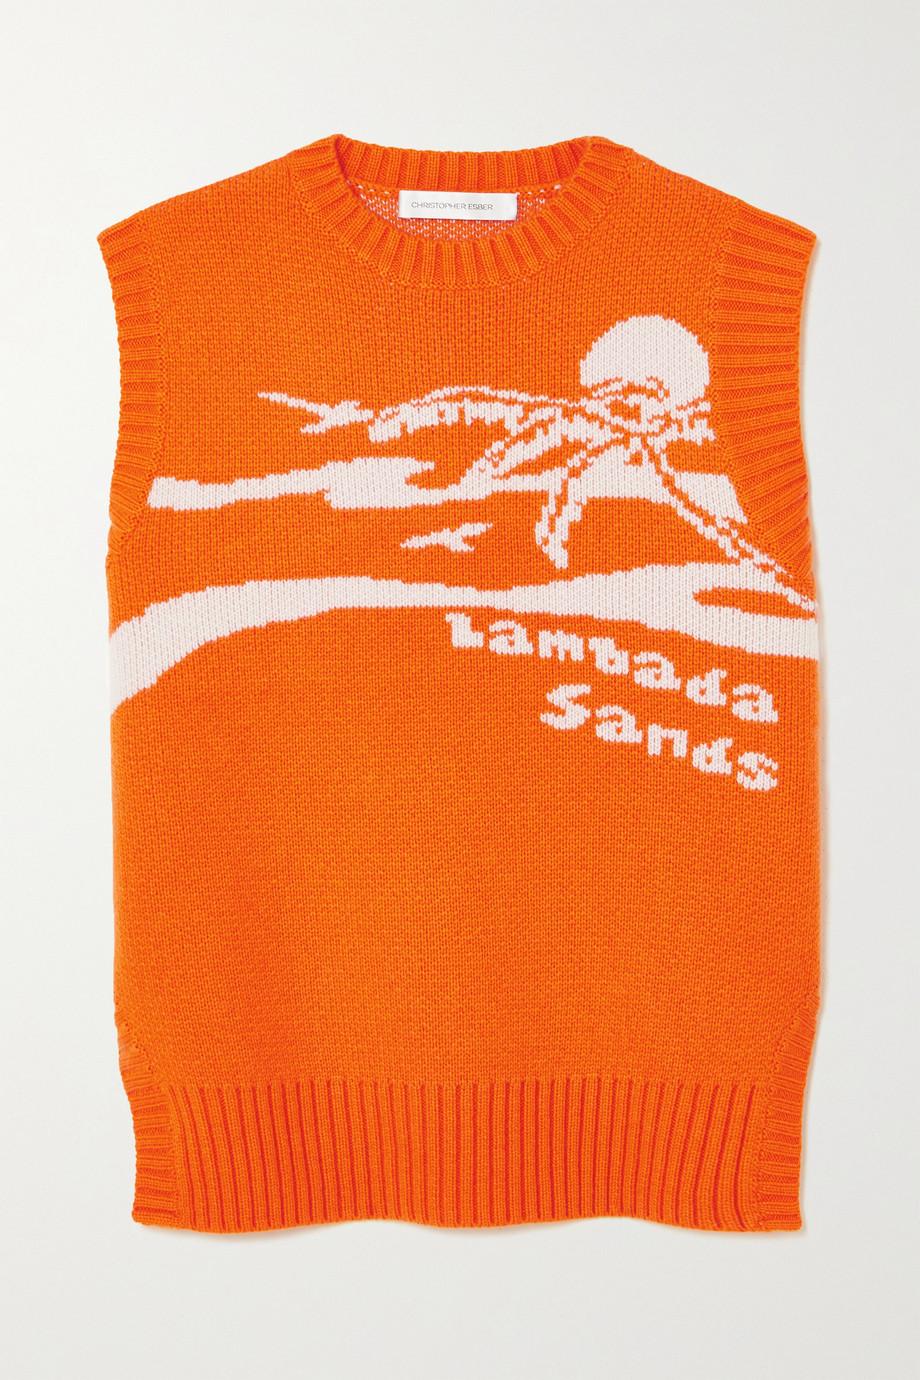 Christopher Esber Lambada Sands rückenfreier ärmelloser Pullover aus einer Woll-Kaschmirmischung mit Intarsienmotiv